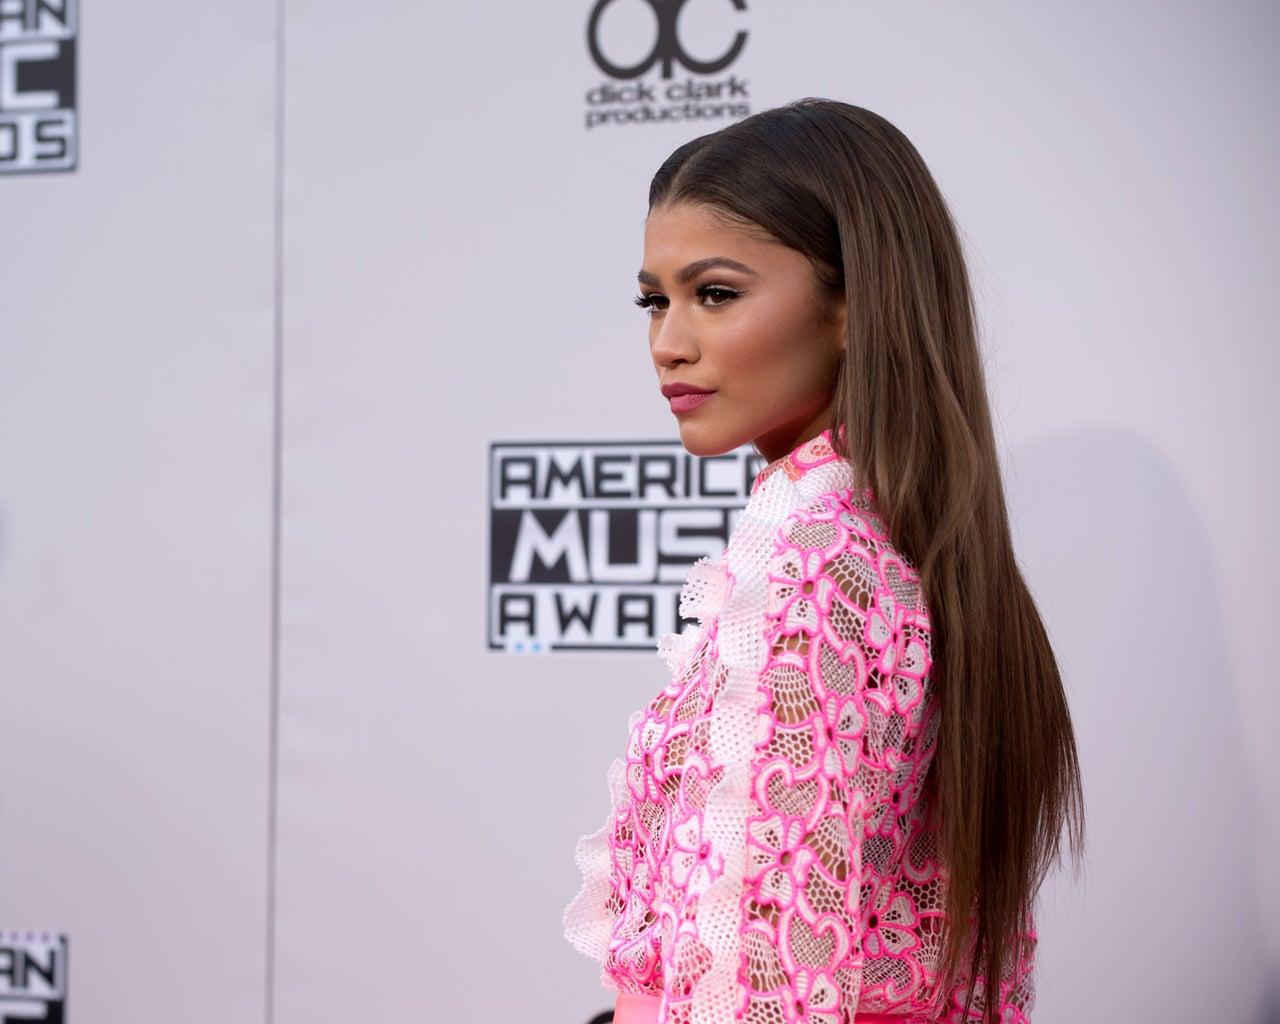 Zendaya wearing pink posing at a red carpet event